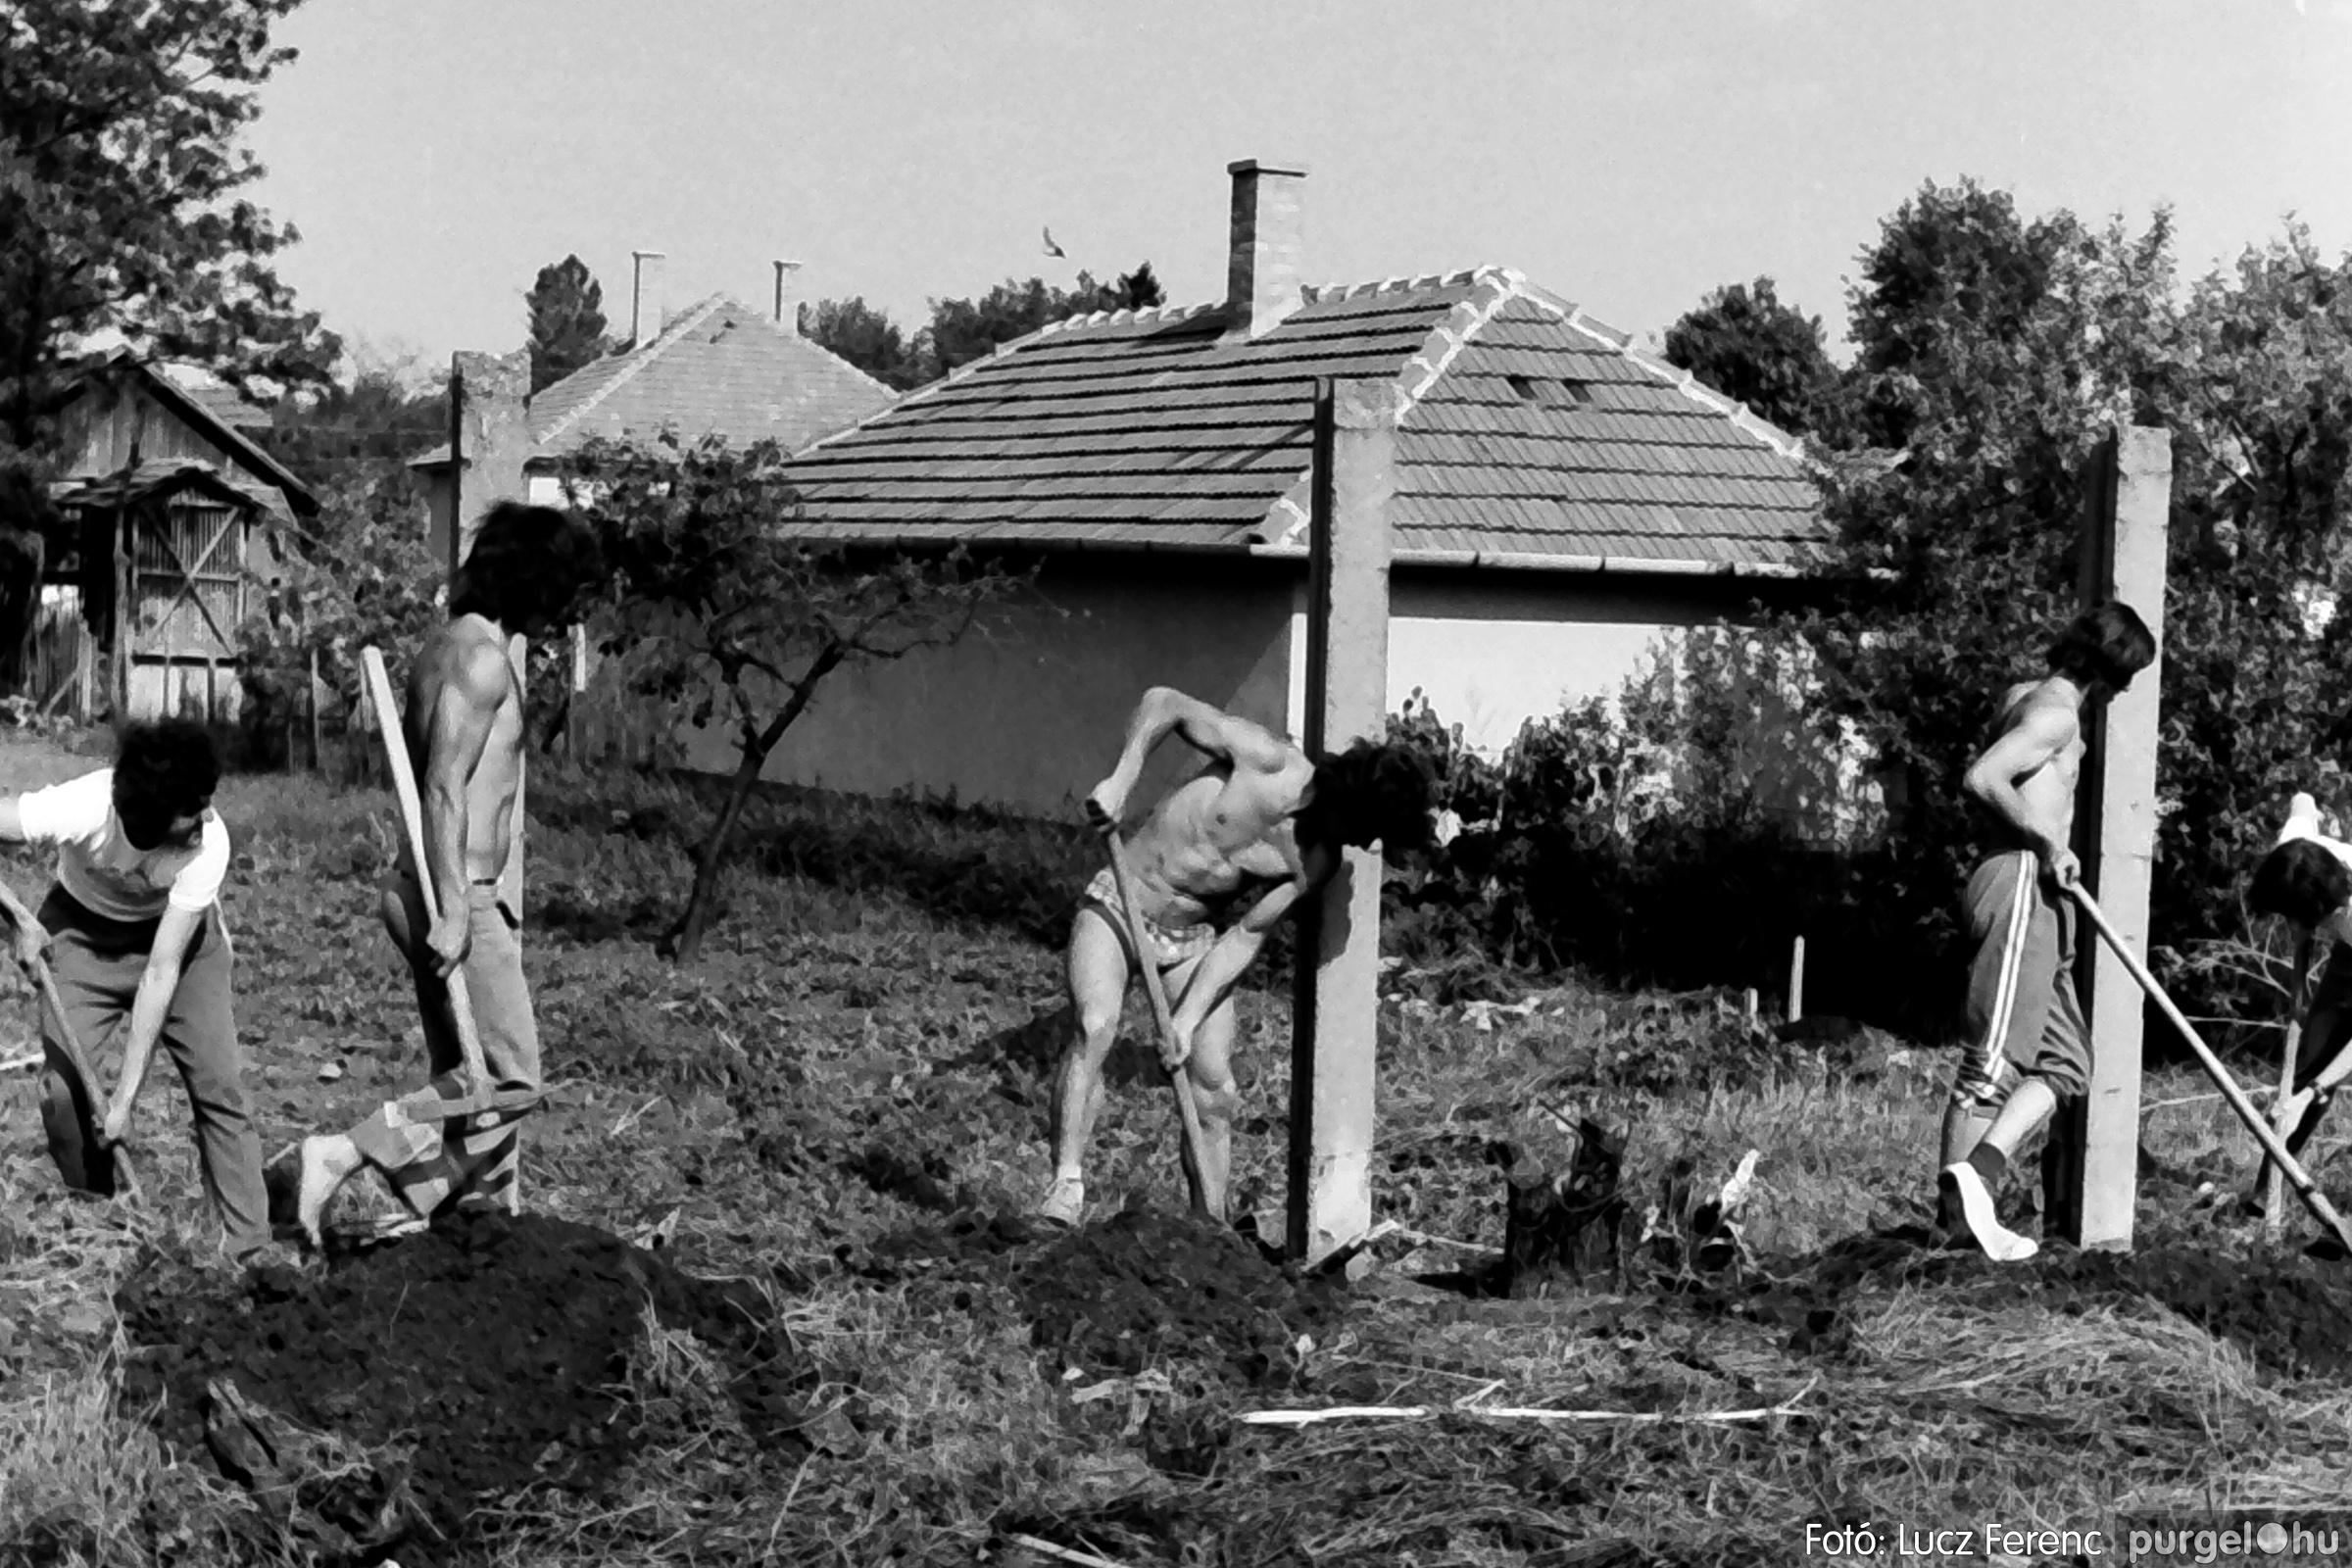 048, 051. 1976. Társadalmi munka 006. - Fotó: Lucz Ferenc.jpg